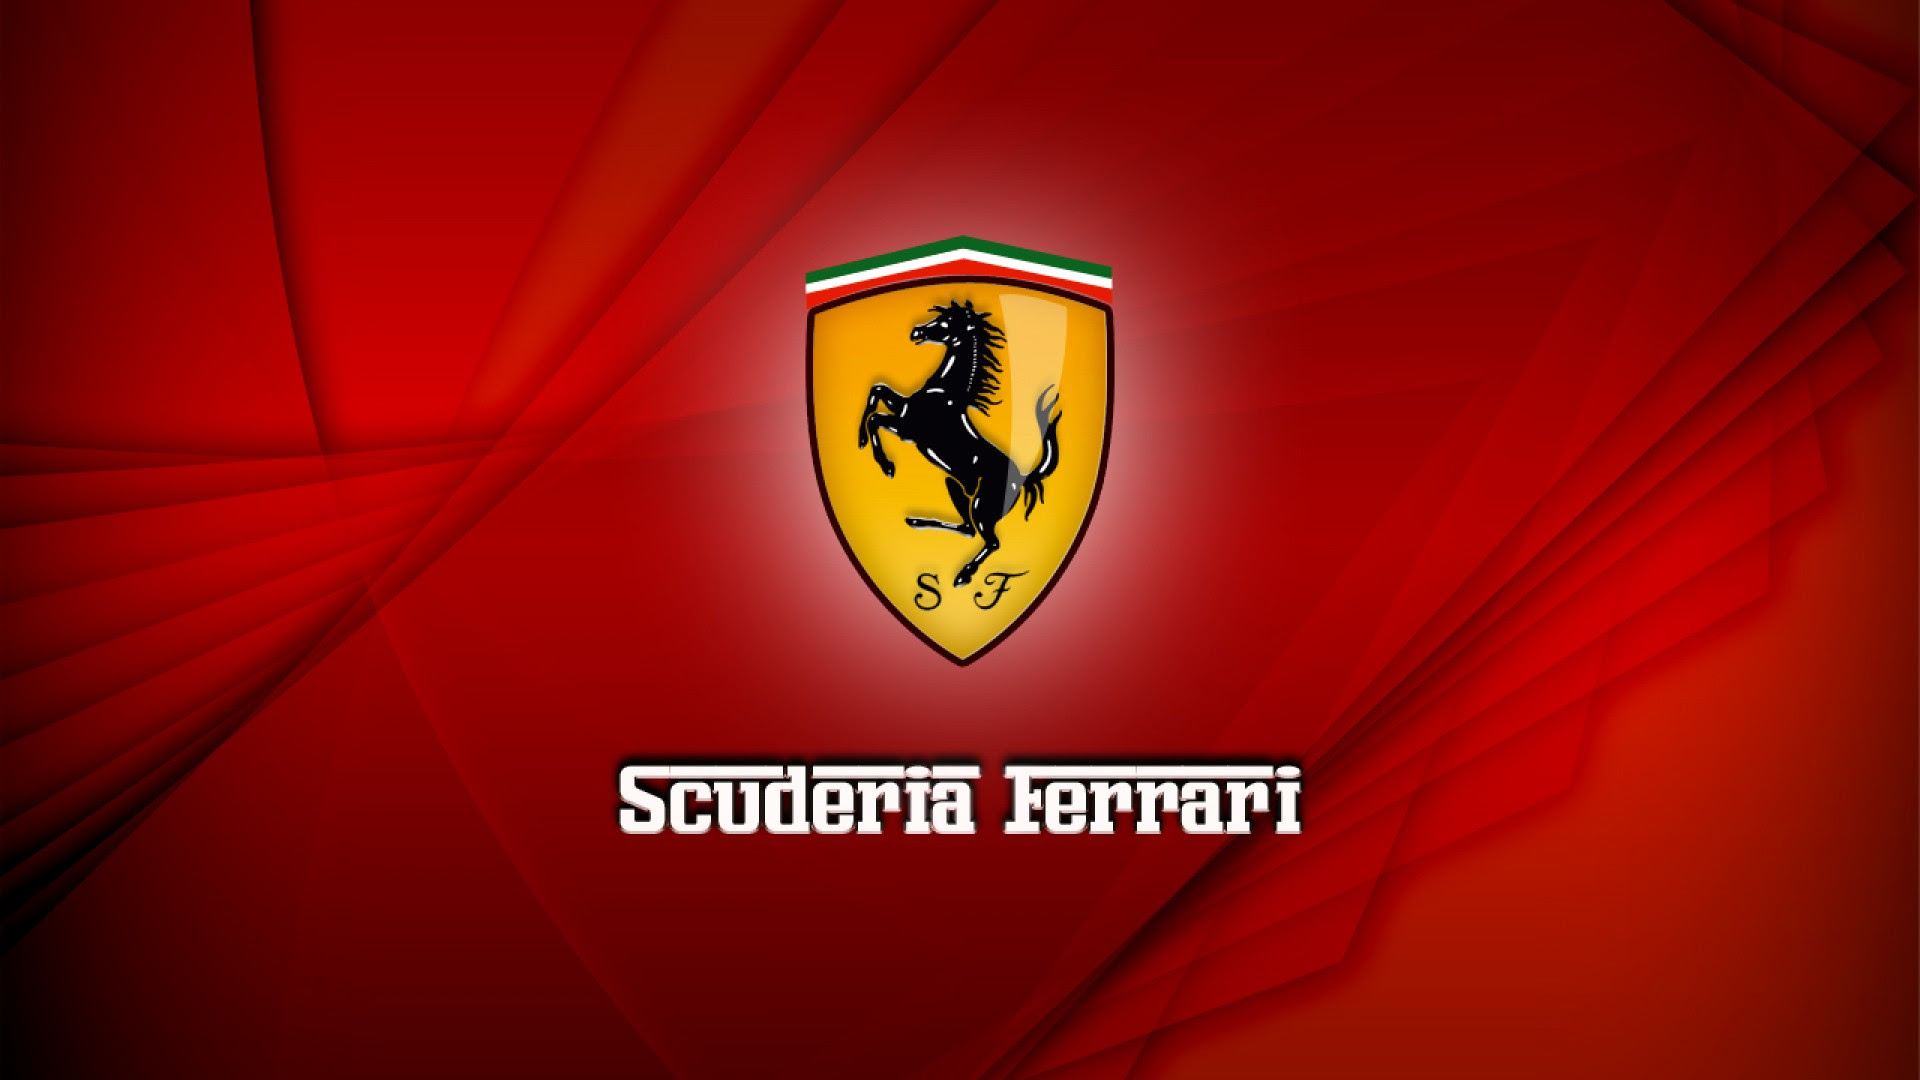 Wallpaper Android Ferrari 3D Wallpapers